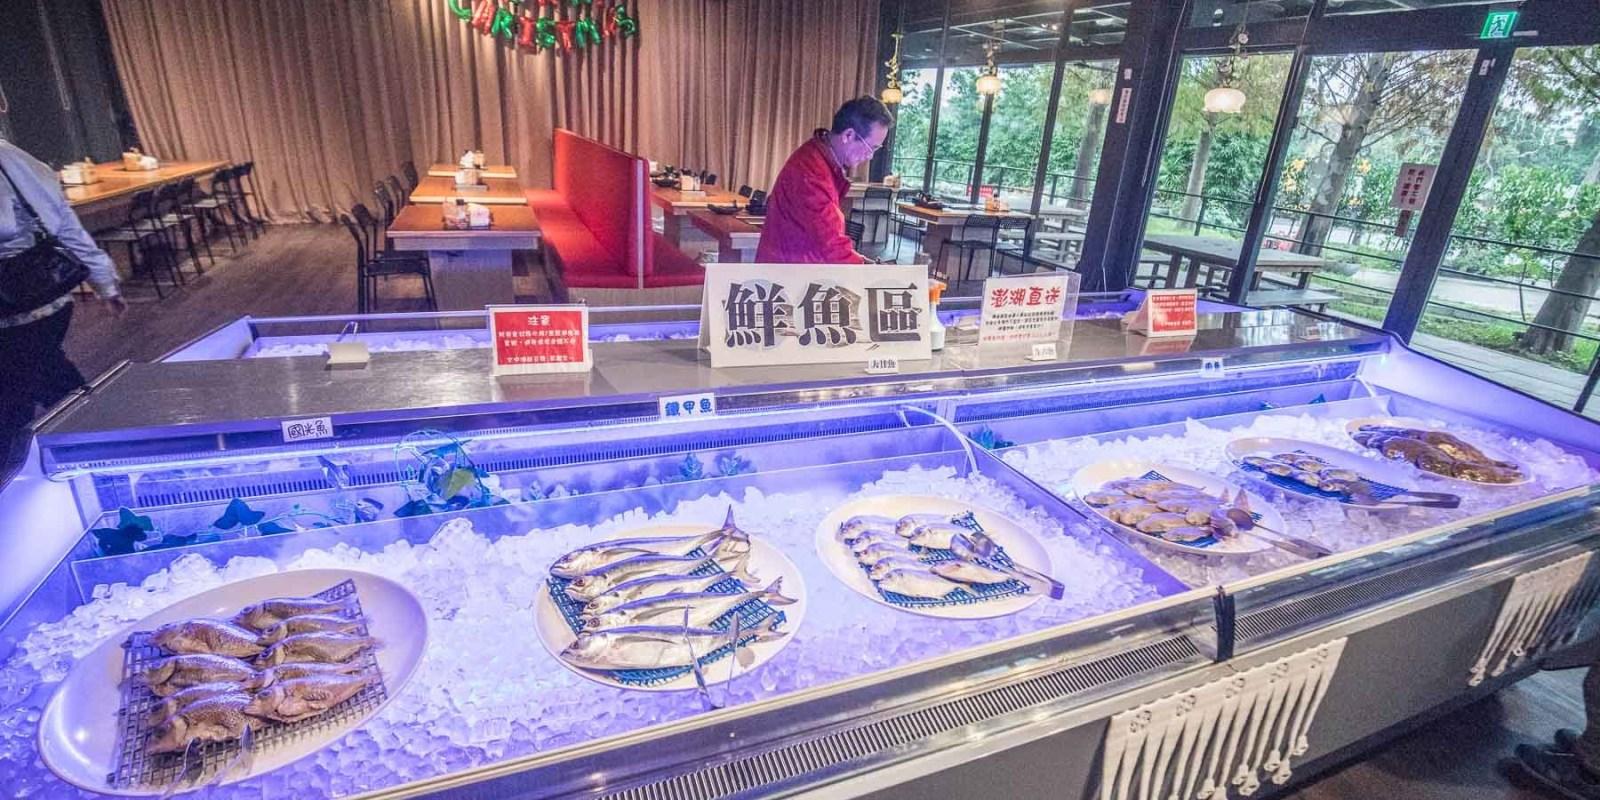 [桃園美食]最獵奇海鮮燒烤吃到飽!產地直送鮮魚整櫃隨便你吃!還外掛啤酒暢飲唷-文中海鮮百匯